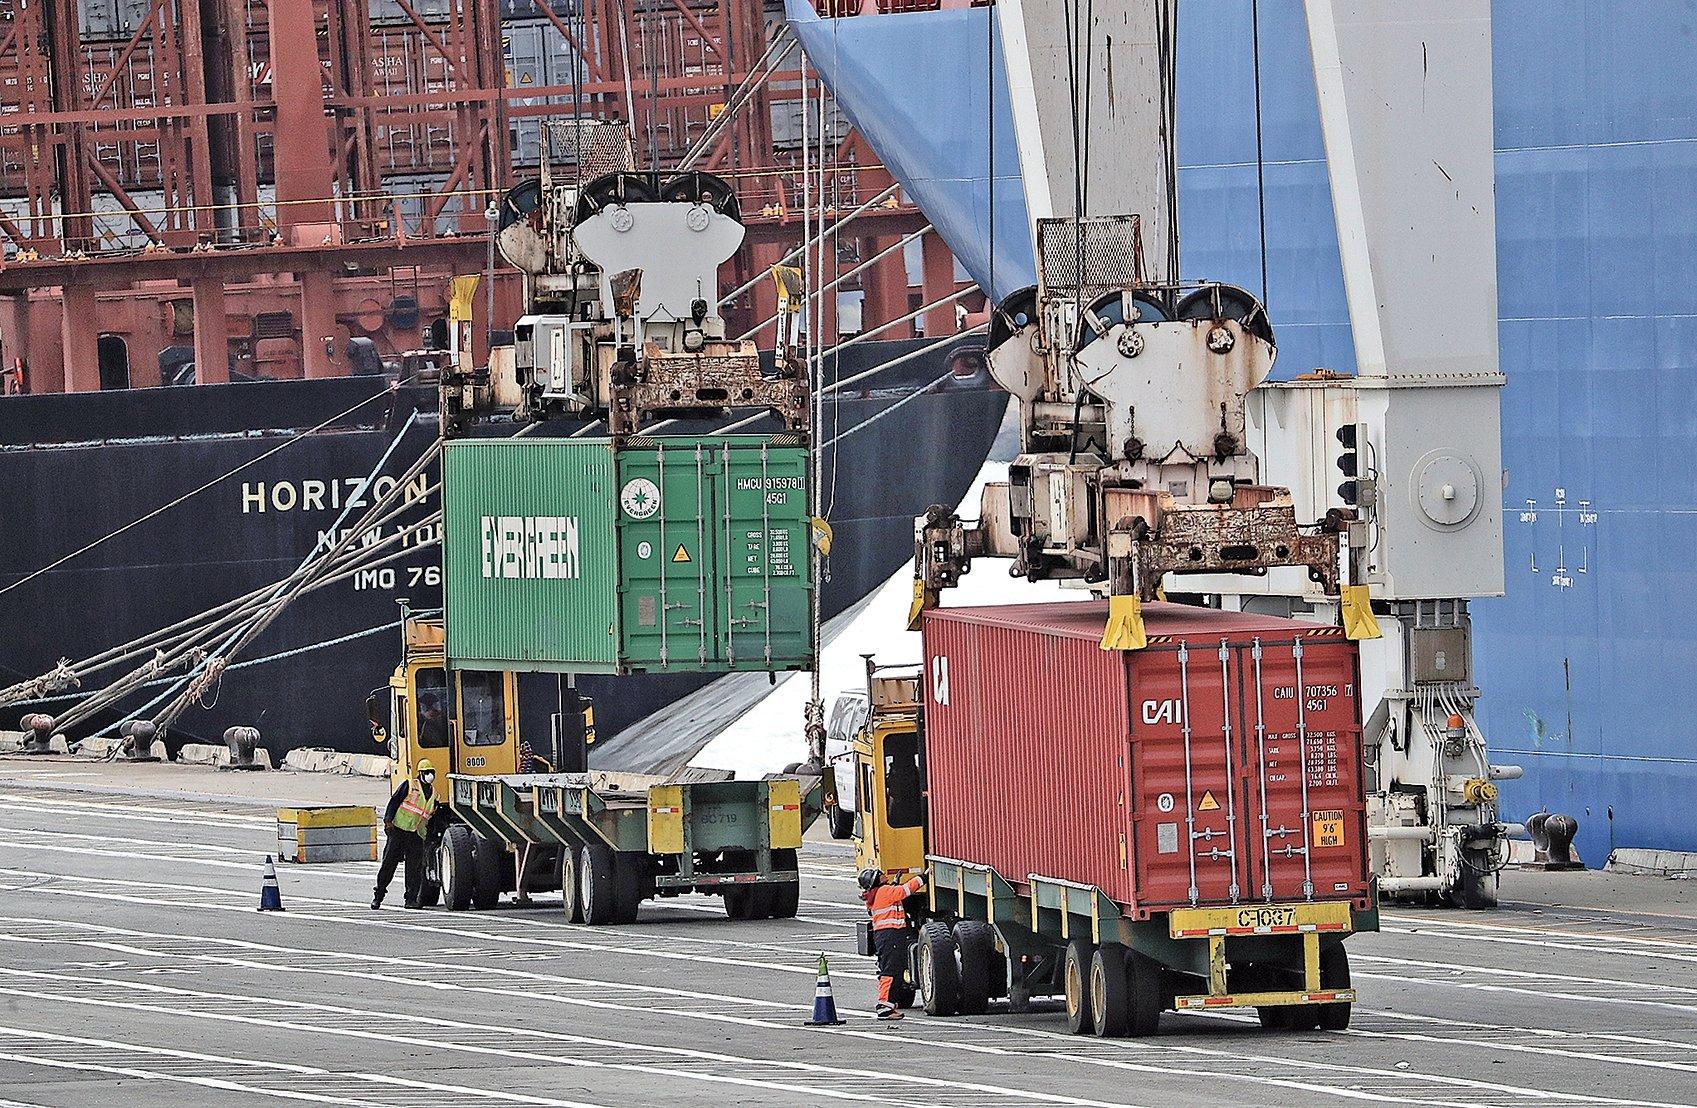 6月20日停靠在美國奧克蘭港的中國海運集裝箱貨運船。(大紀元資料室)